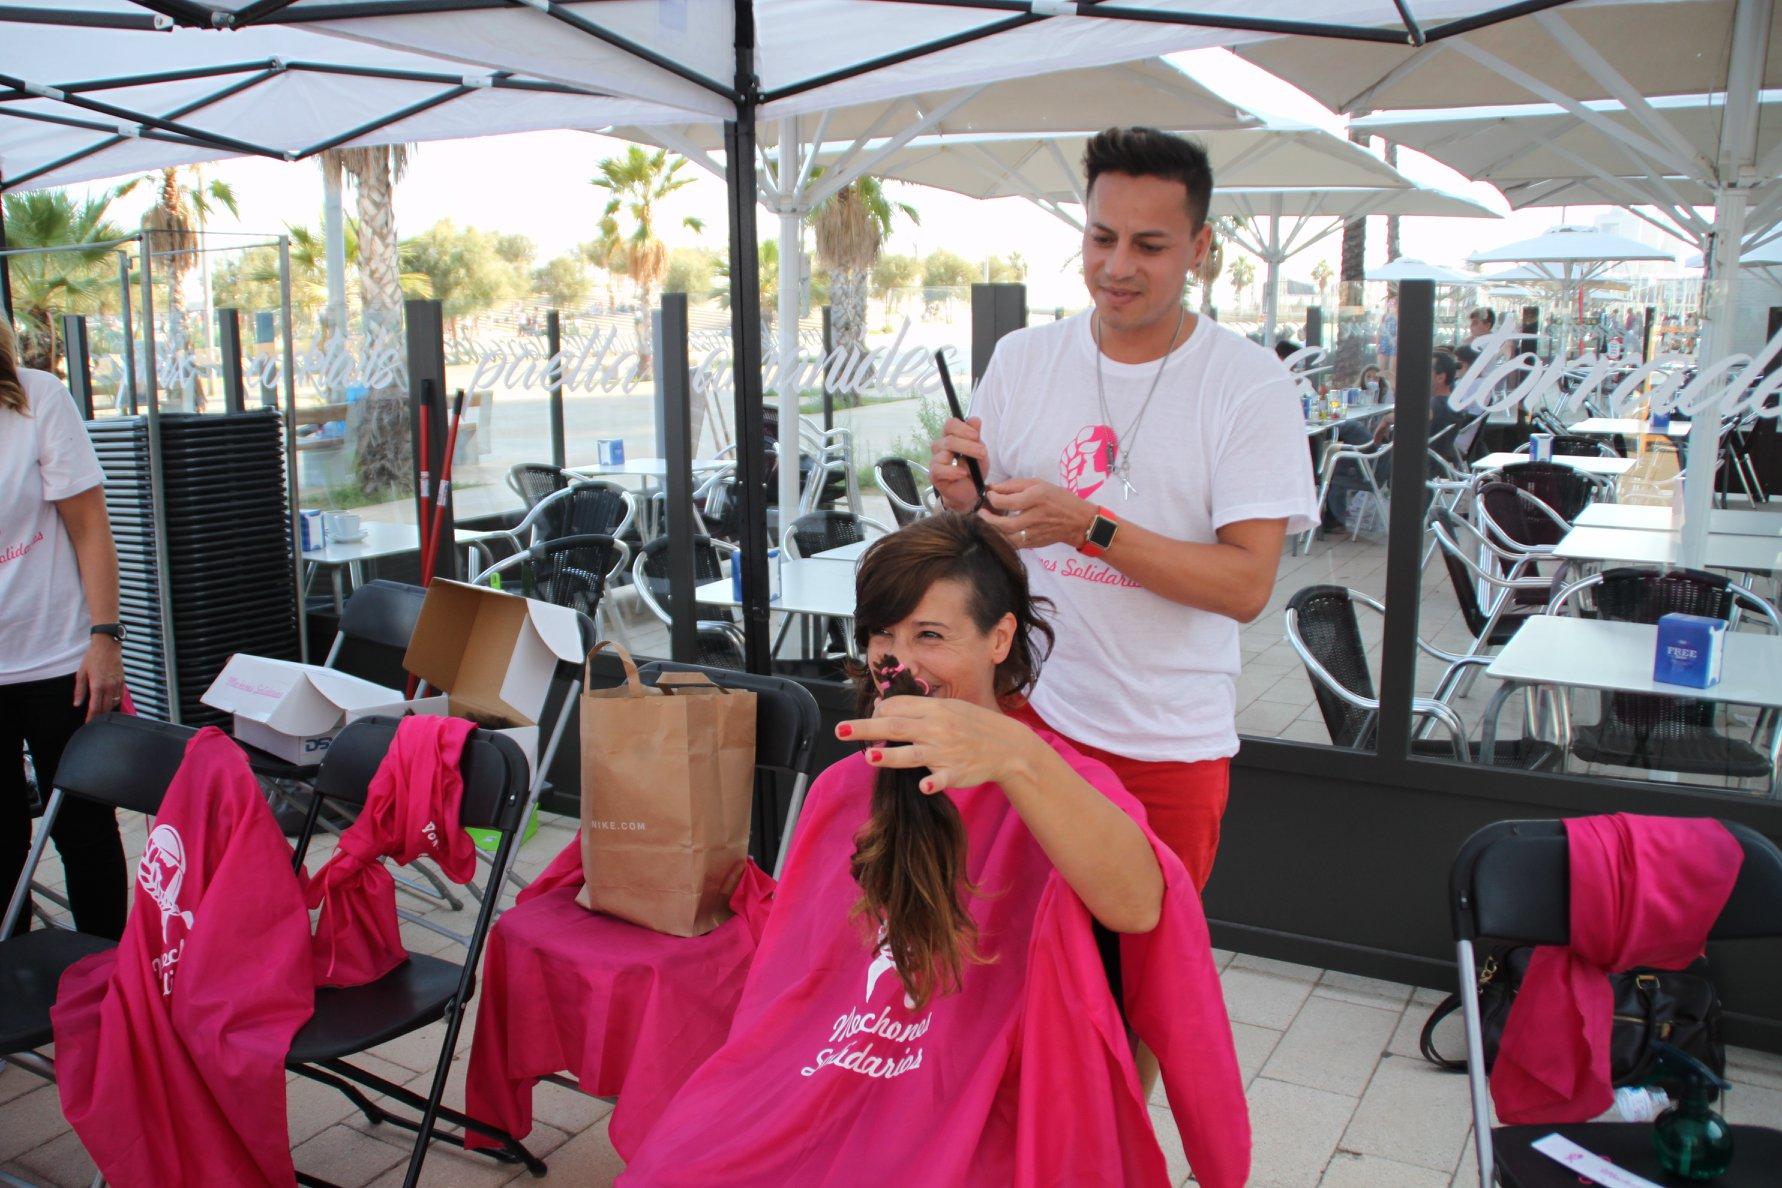 dubal-cosmetics-mechones-solidarios-donacion-pelo-para-pelucas-enfermos-cancer (1)